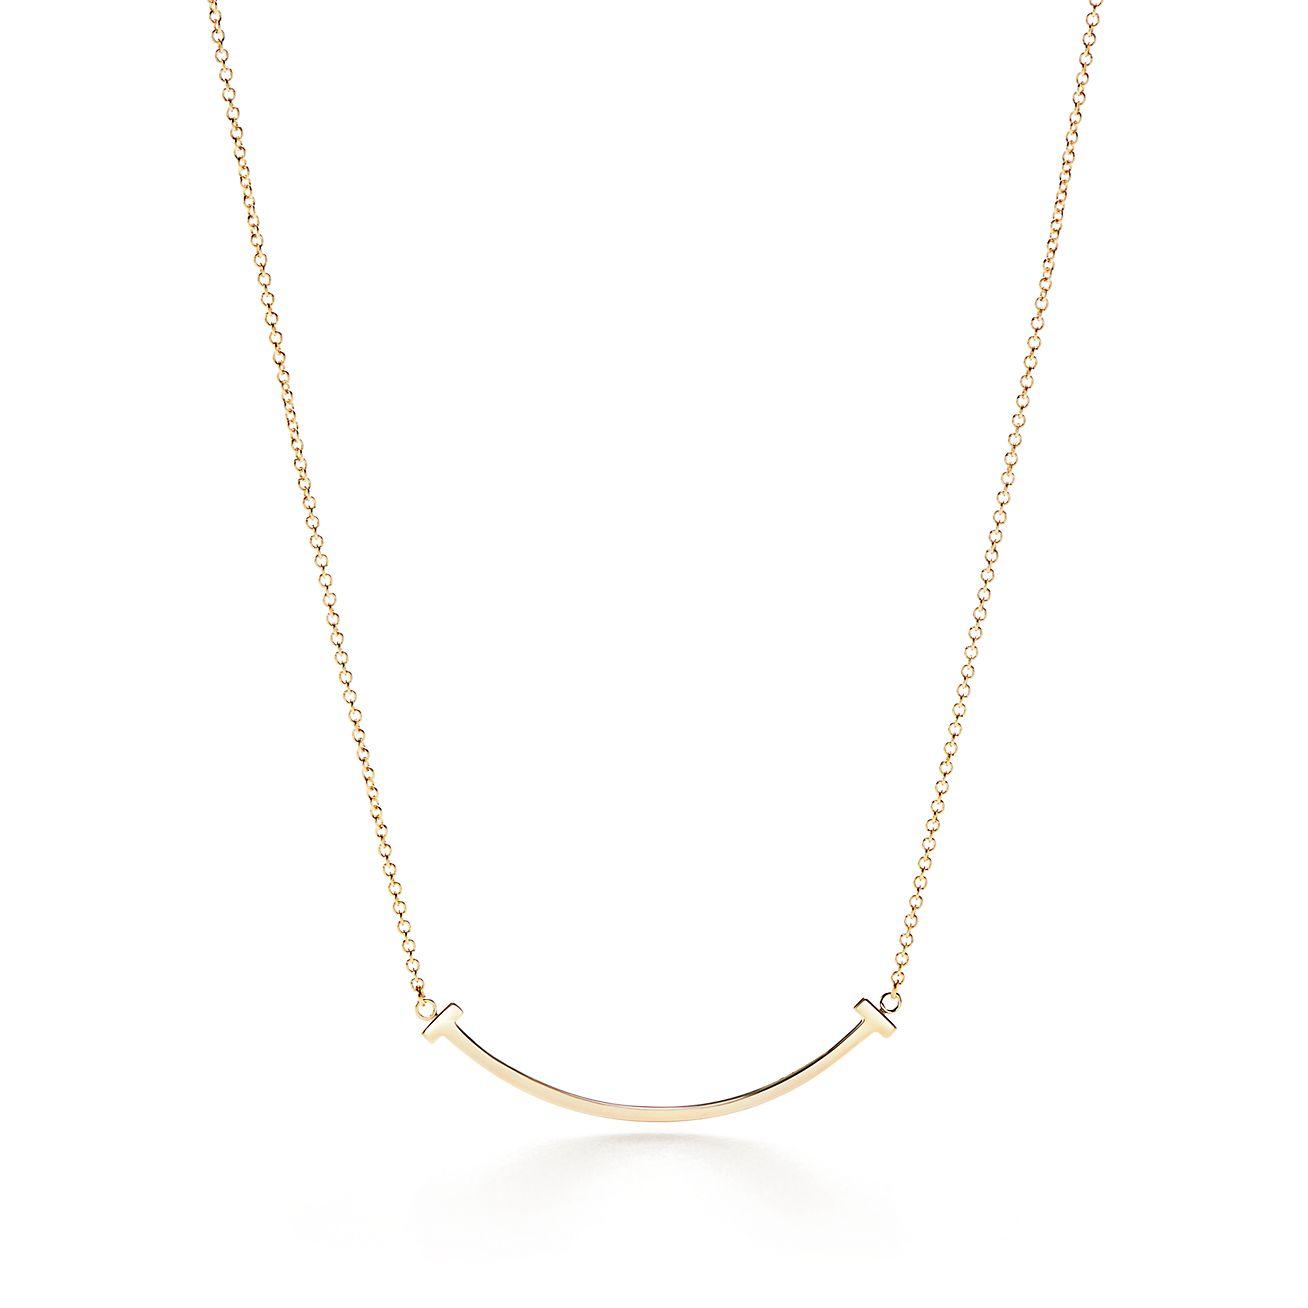 Tiffany T Pendientes Sonrisa En 18k Oro Blanco Con Diamantes De Tiffany & Co. EDaqKuuE